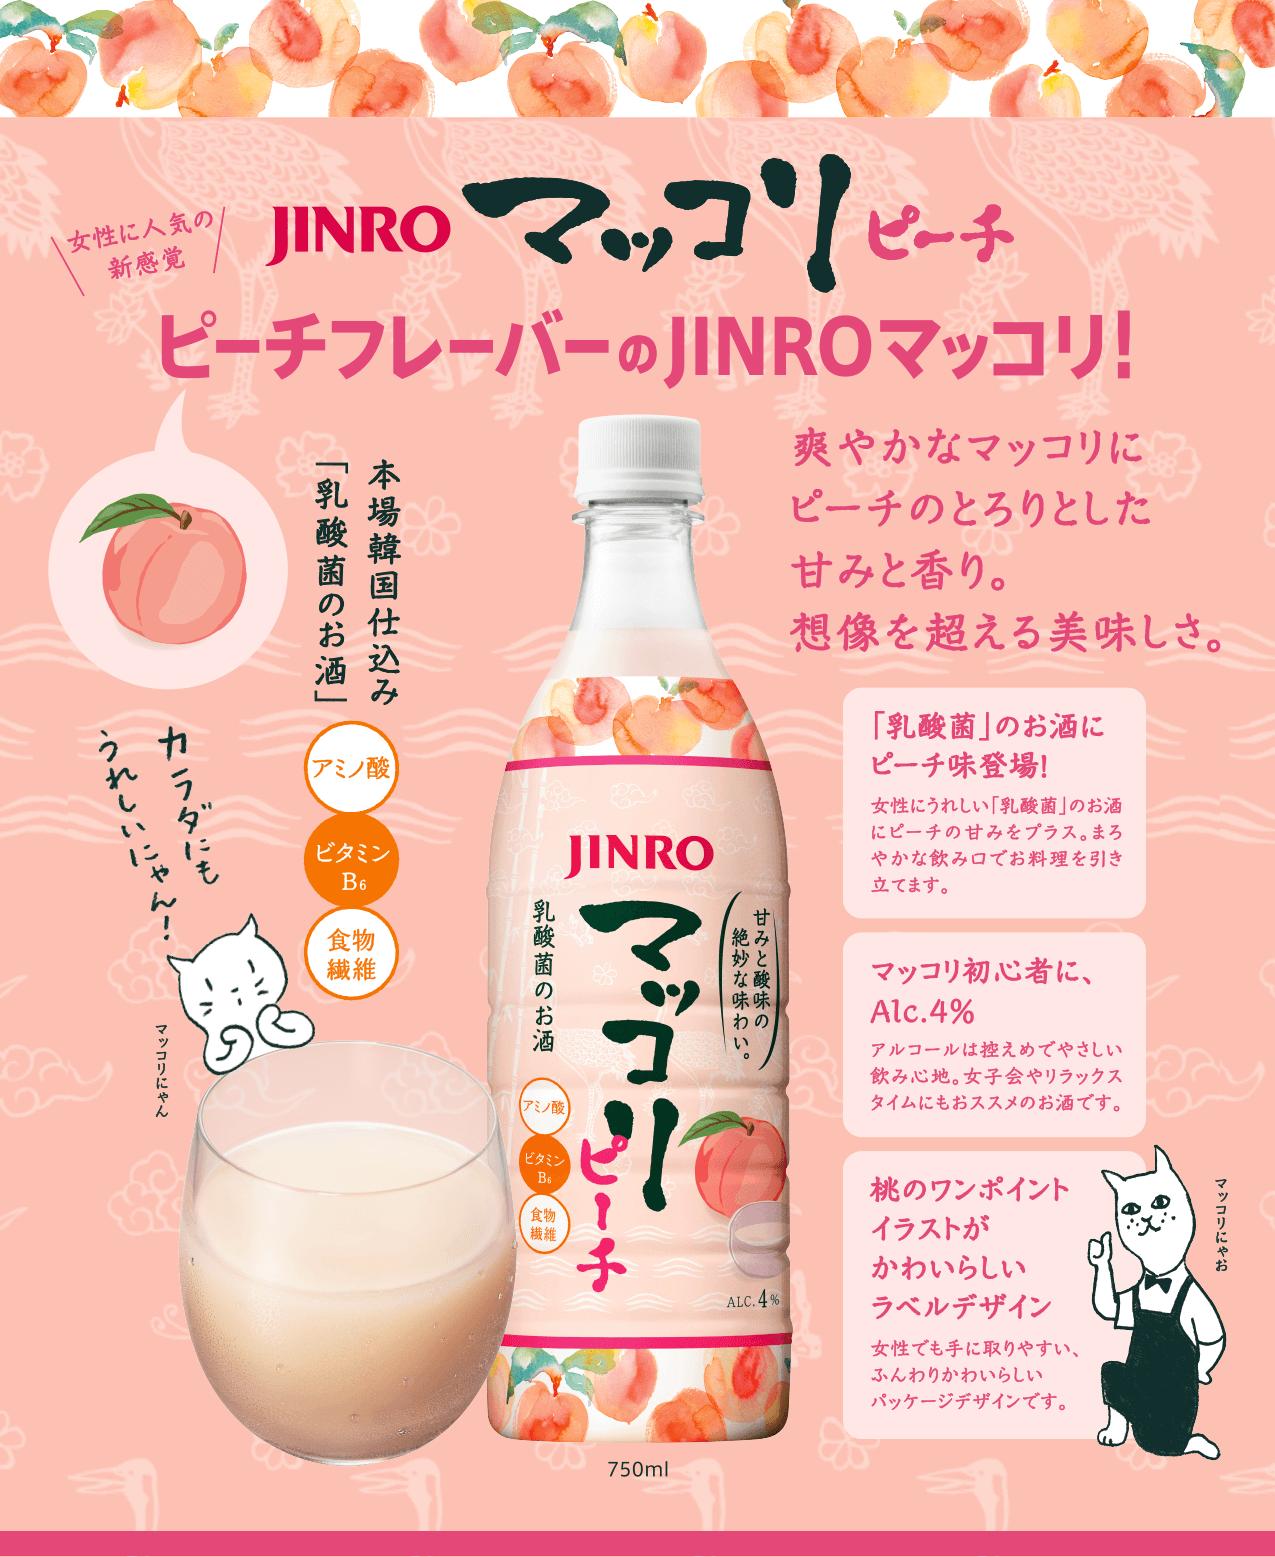 JINRO マッコリ ピーチ ピーチフレーバーのJINROマッコリ!爽やかなマッコリにピーチのとろりとした甘みと香り。想像を超える美味しさ。